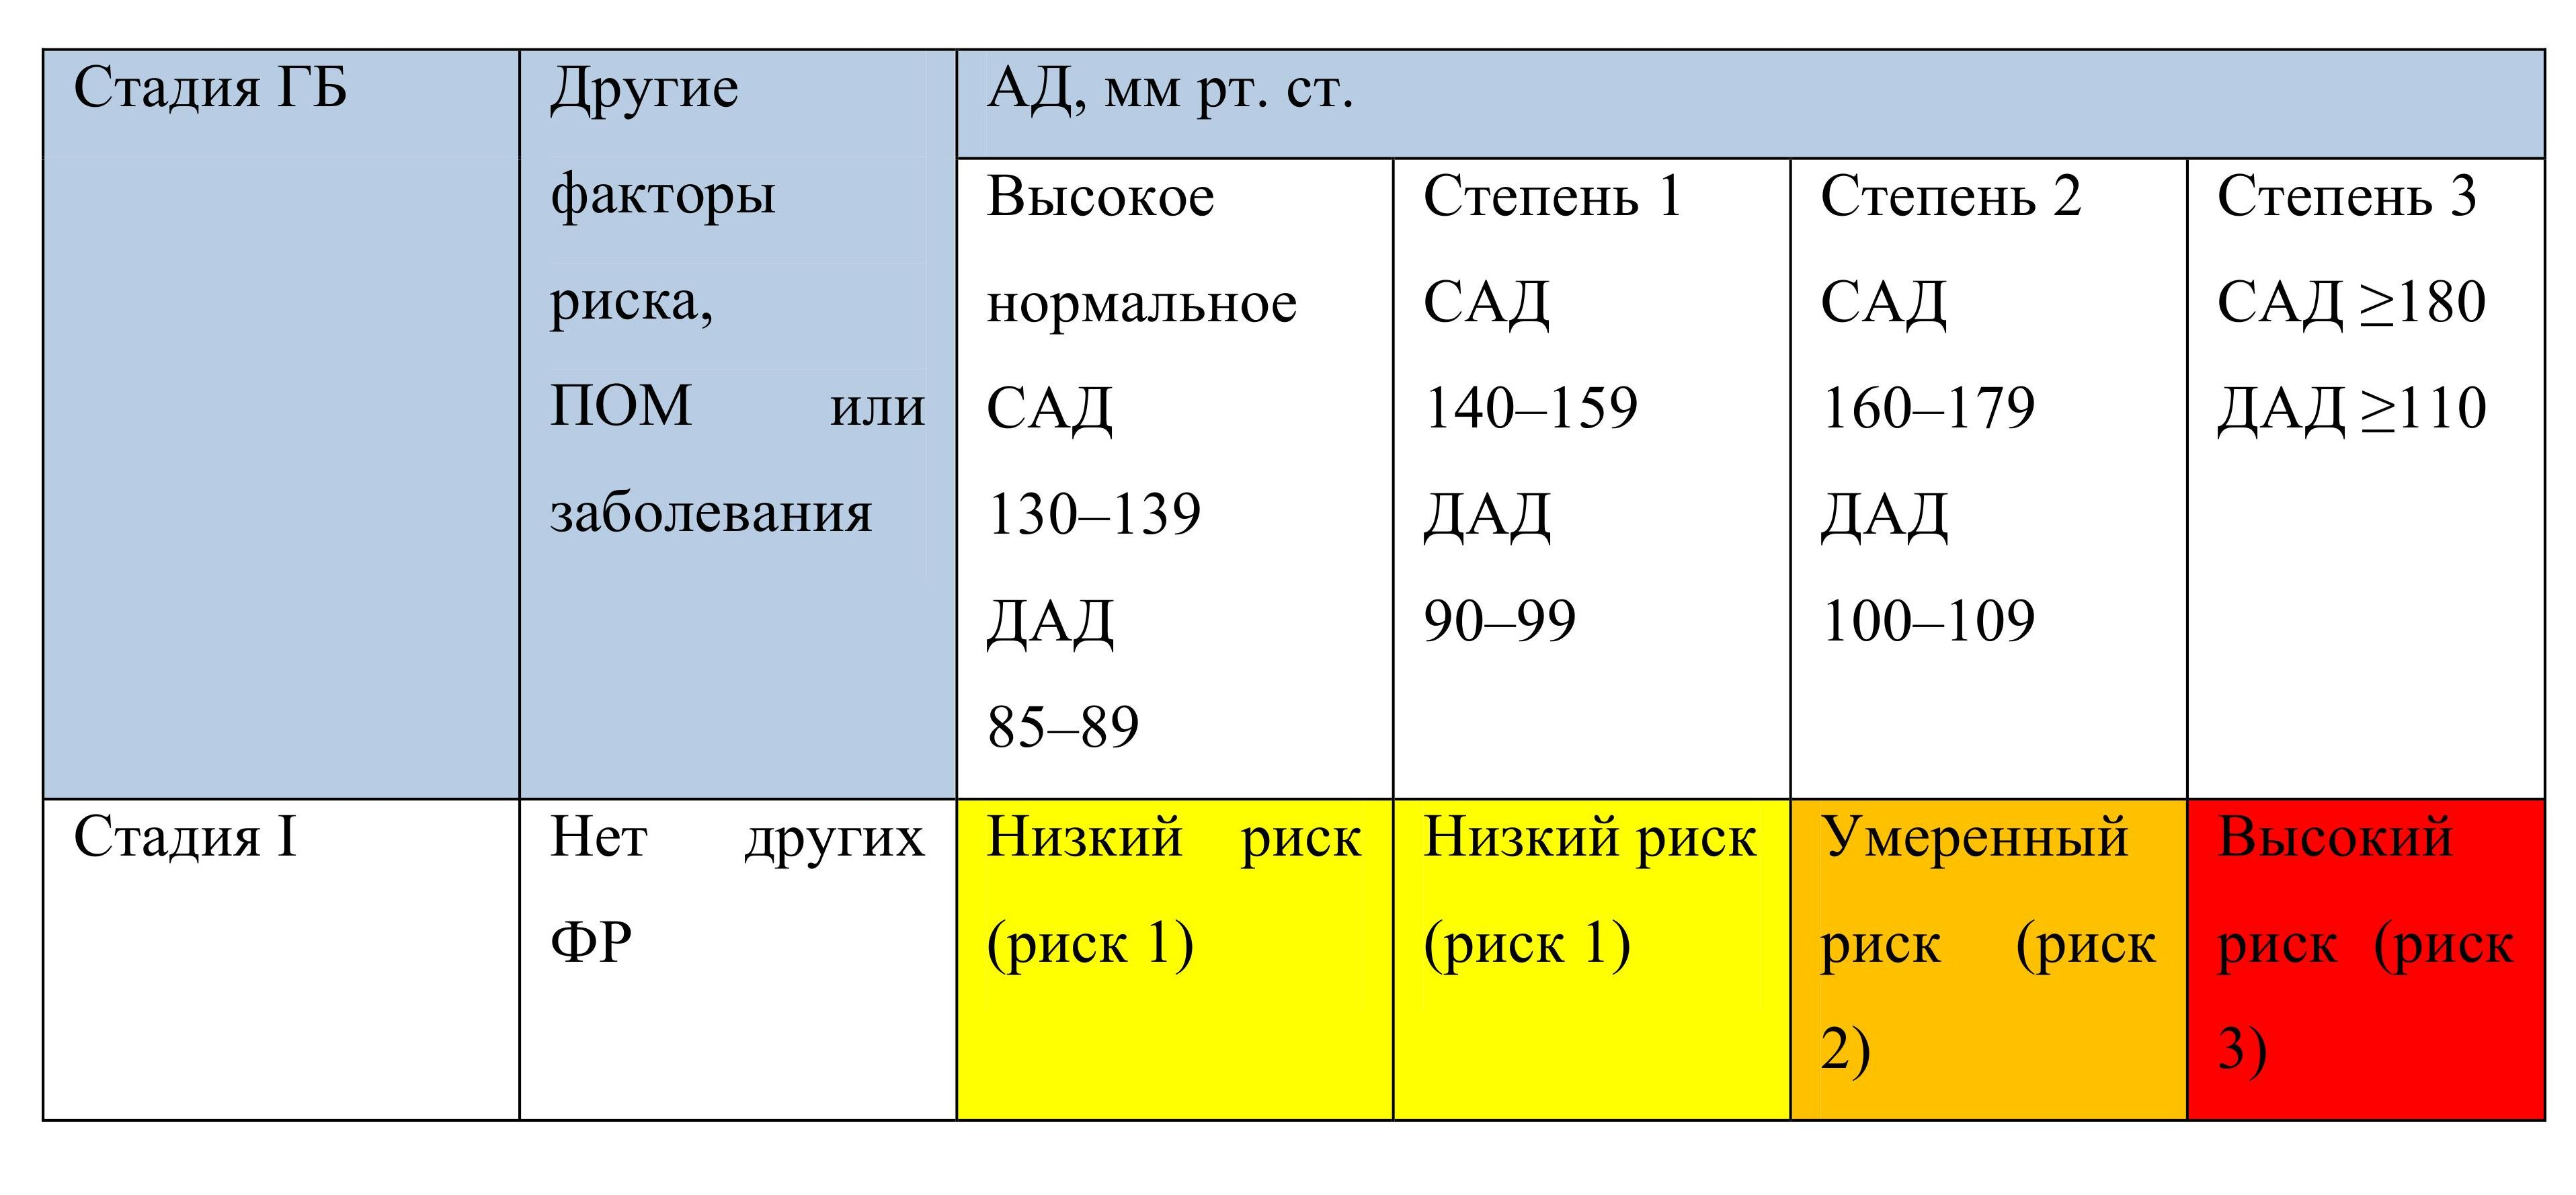 Классификация гипертонической болезни по стадиям (ДАГ 1 ...